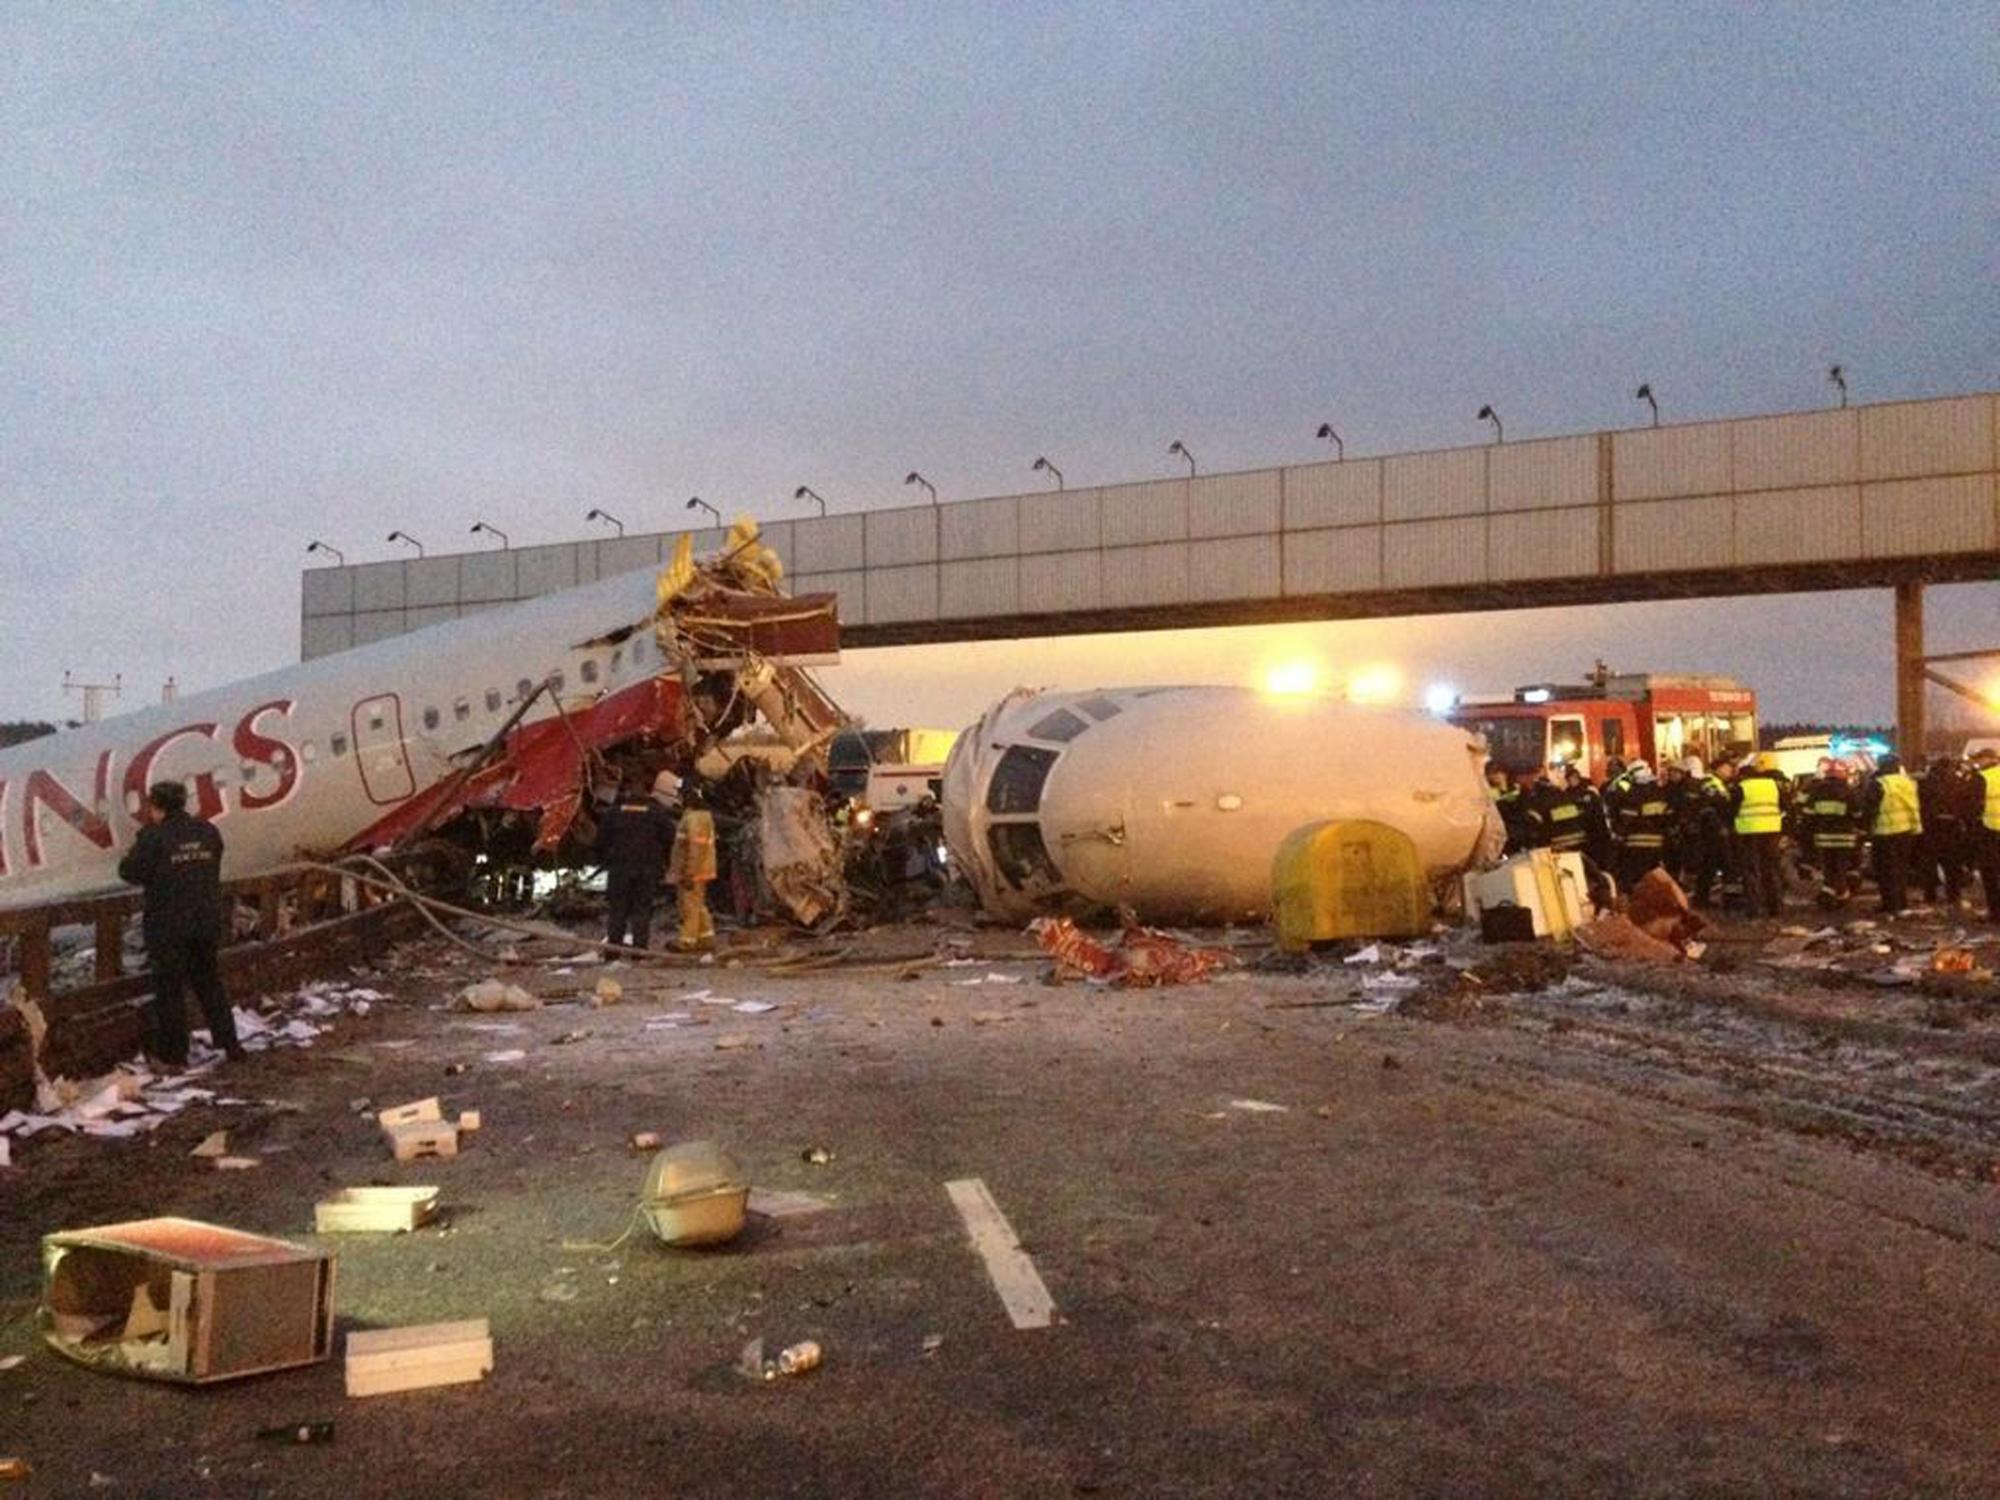 俄客机降落时冲出跑道断裂至少4人死亡 或驾驶员失误所致图片